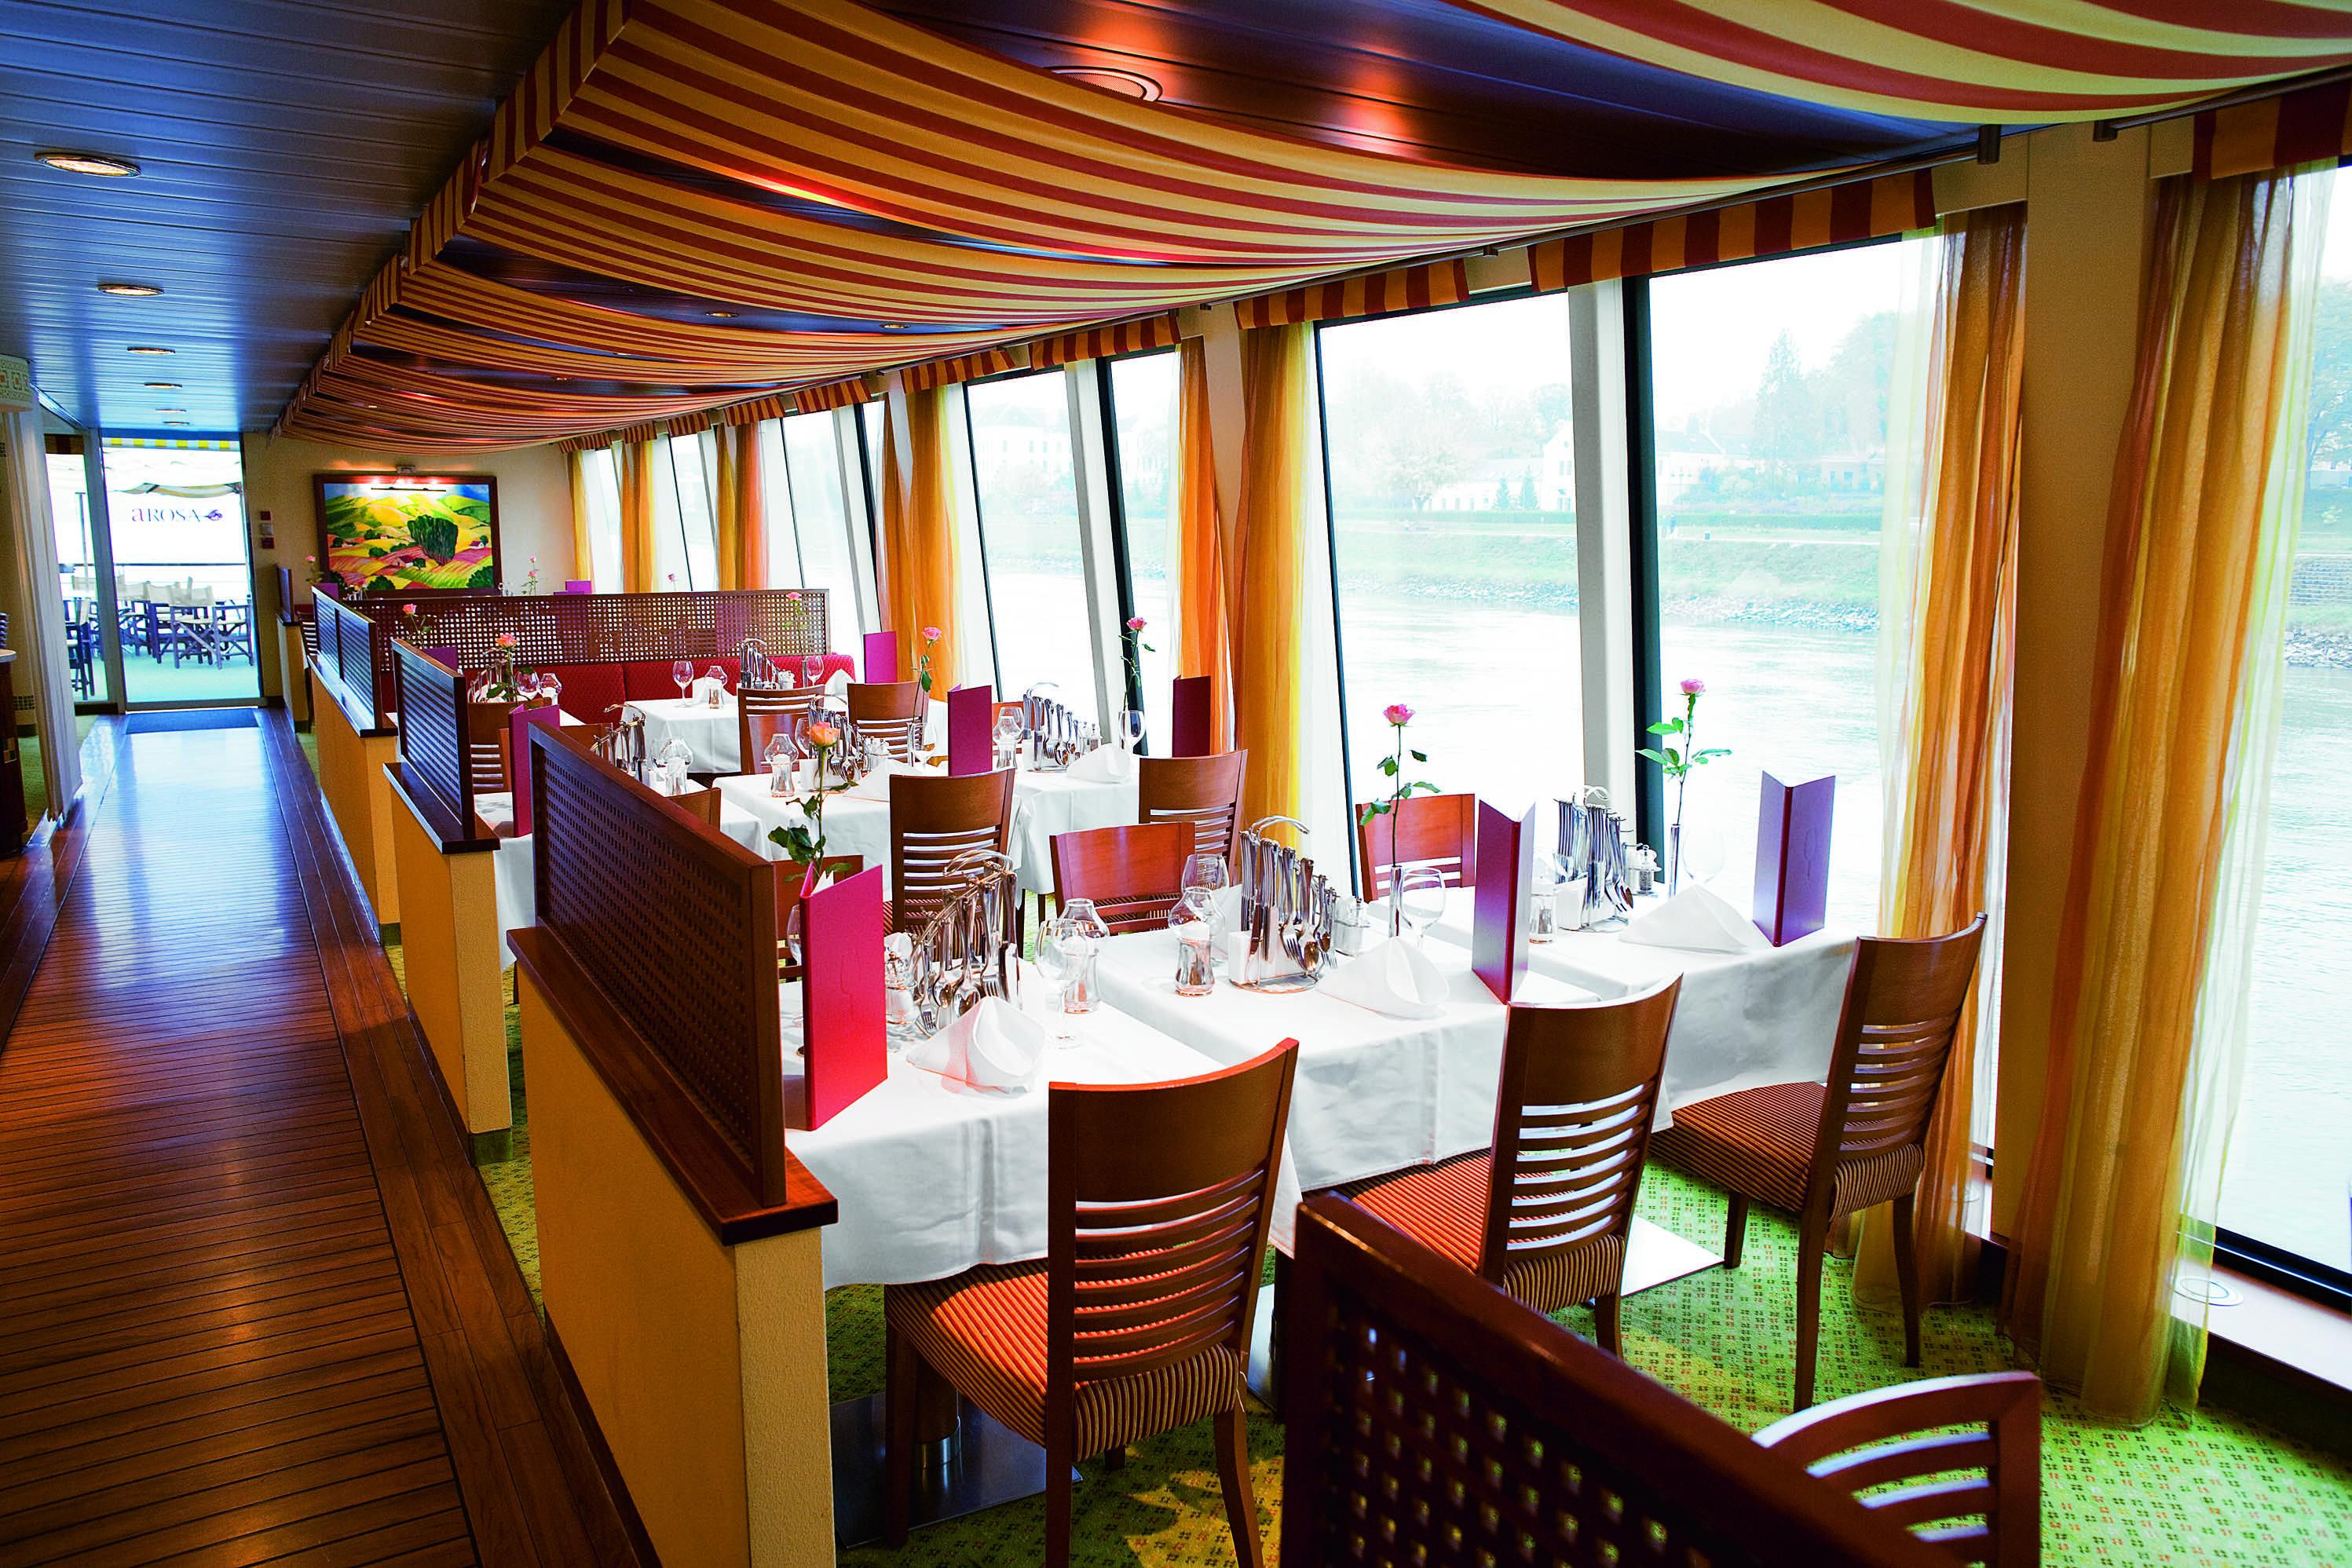 A-ROSA BELLA A-ROSA DONNA A-ROSA MIA A-ROSA RIVA Interior Market Restaurant 1.jpg